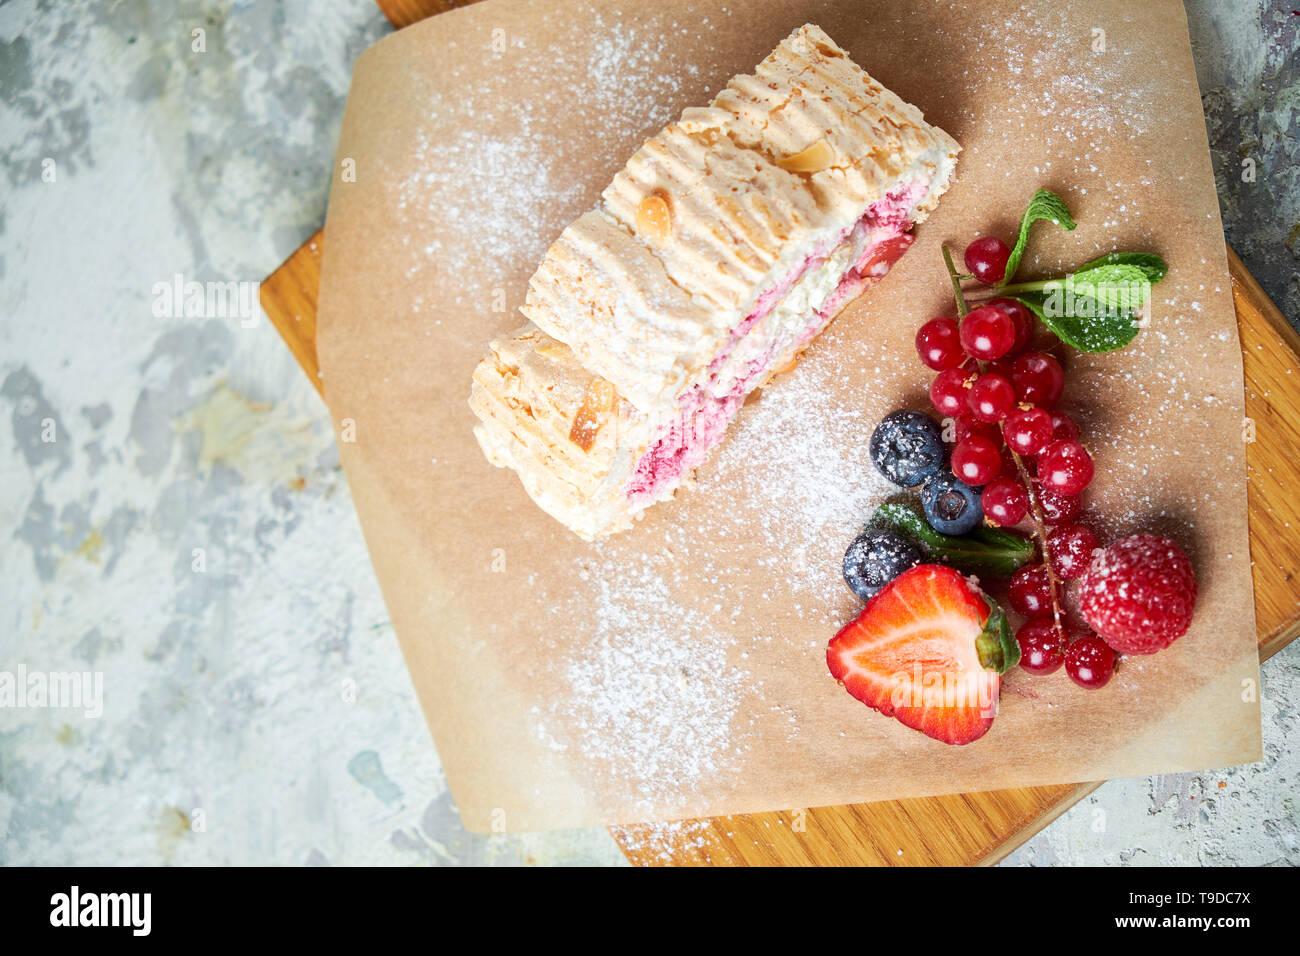 Rouleau de meringue est décoré avec des baies sur une planche de bois. Fond texturé gris. Beaux plats de service. Le Dessert. La chaîne alimentaire Banque D'Images